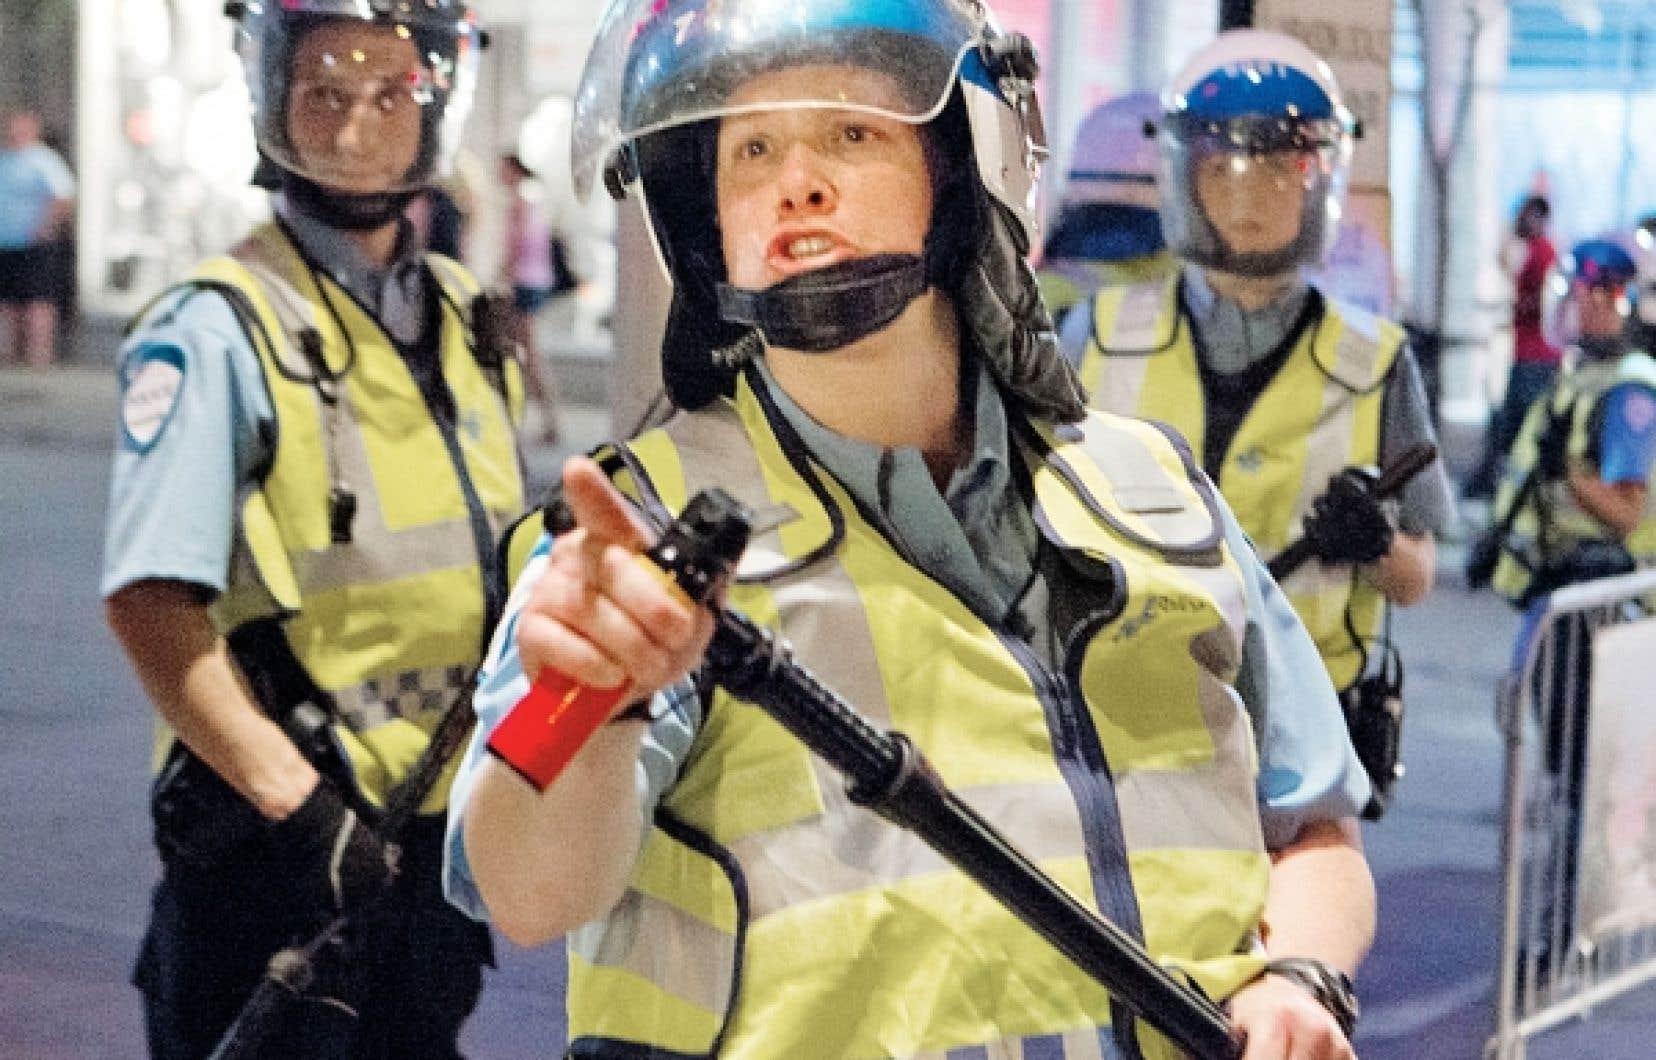 <div> L'agente Stéfanie Trudeau (matricule 728) lors d'une manifestation étudiante en mai dernier.</div>